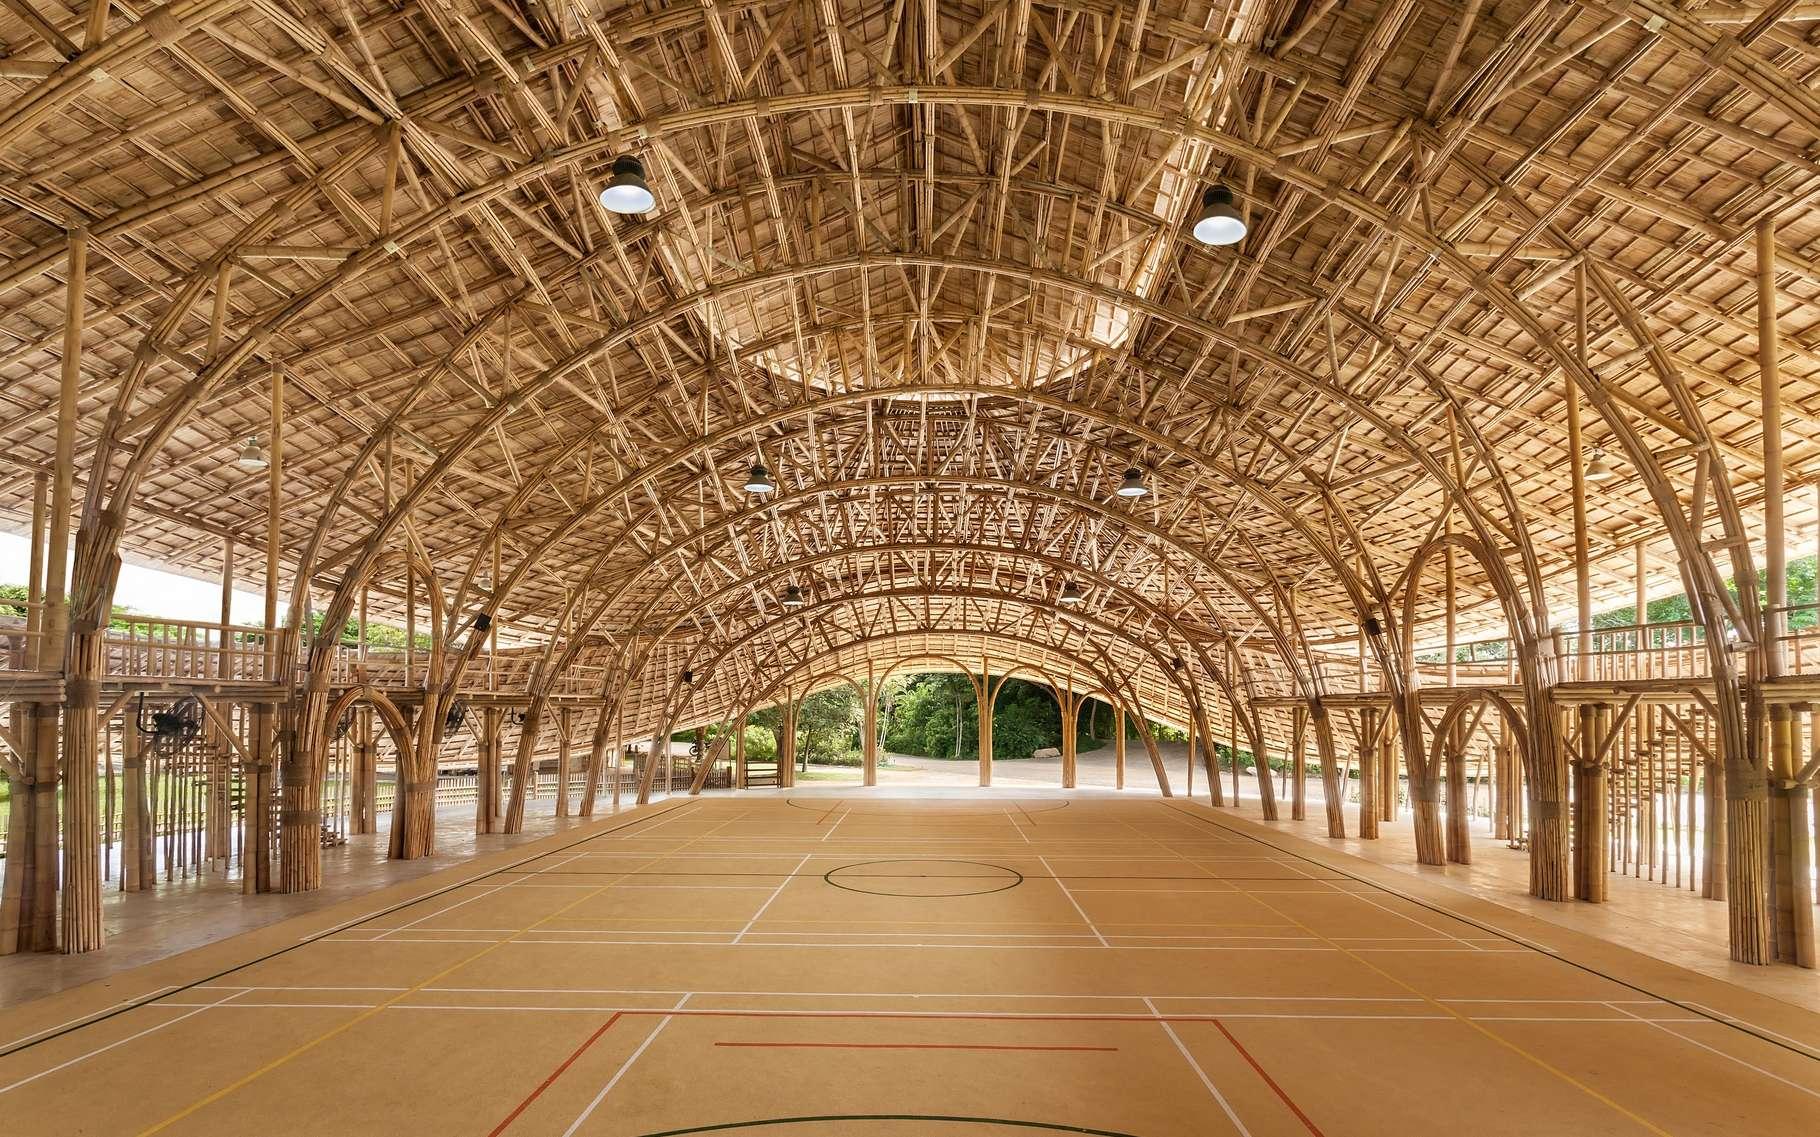 La charpente en bambou comporte des poutres en bambou tressé d'une longueur de 17 mètres qui ne comporte aucune fixation métallique. © Chiangmai Life Construction